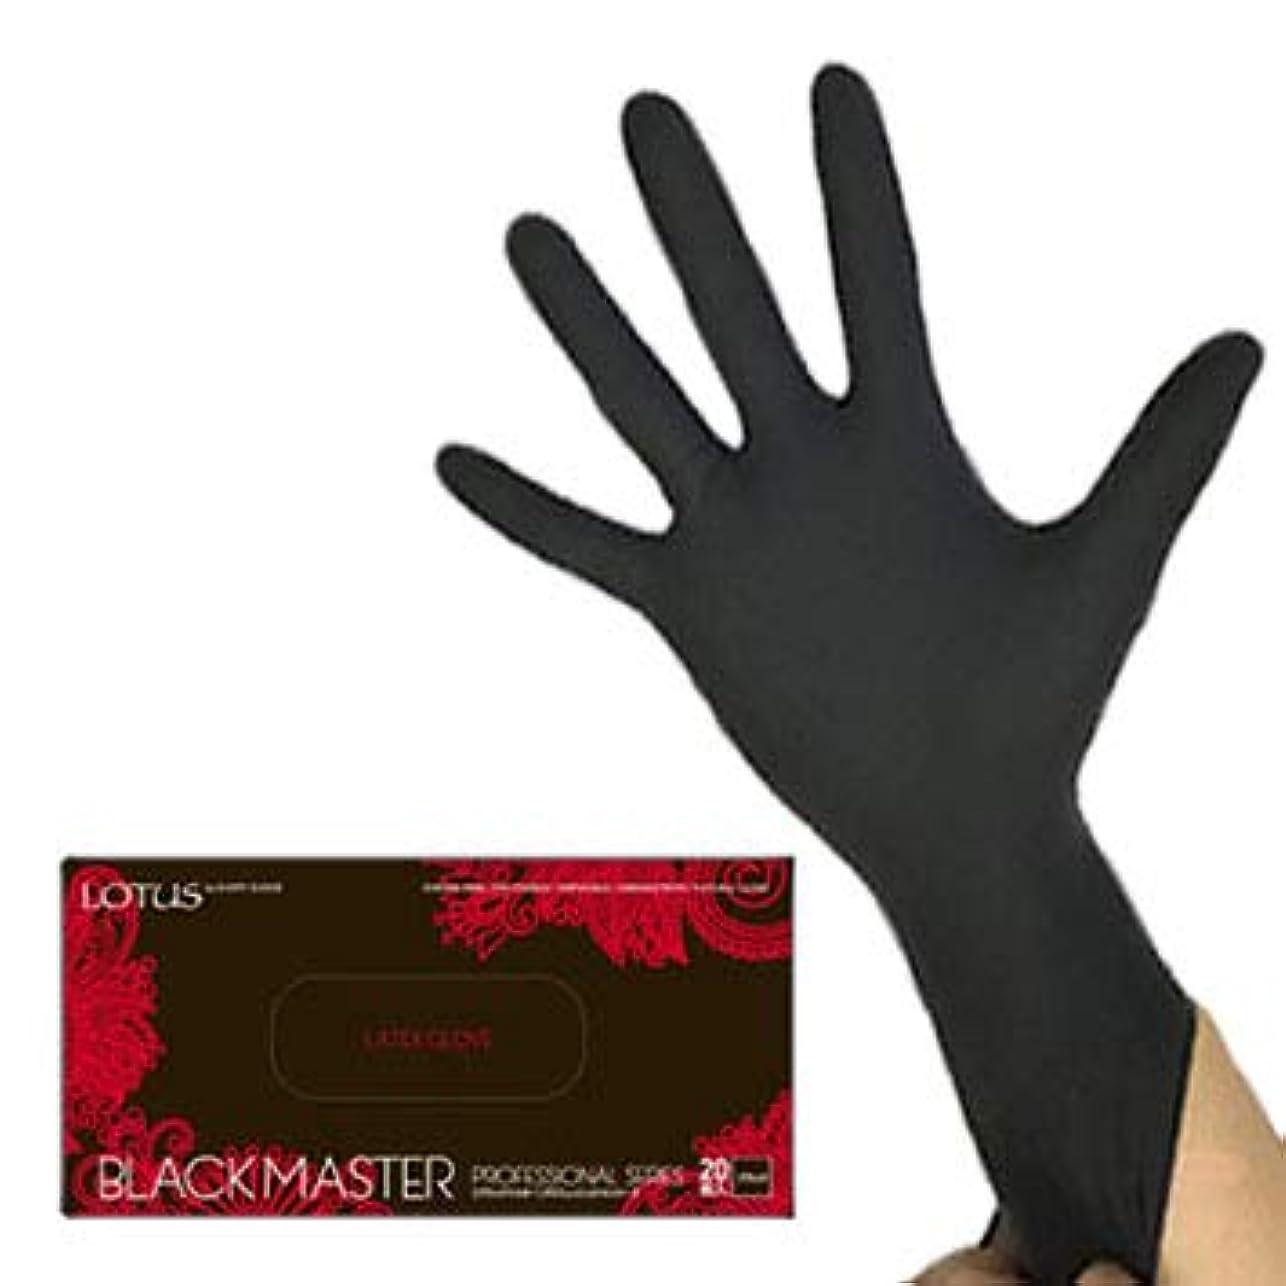 比較的不器用出発する(ロータス)LOTUS ブラックマスターレッド (ラテックス グローブ ロングタイプ 29cm 厚手 左右兼用 20枚入) (M)